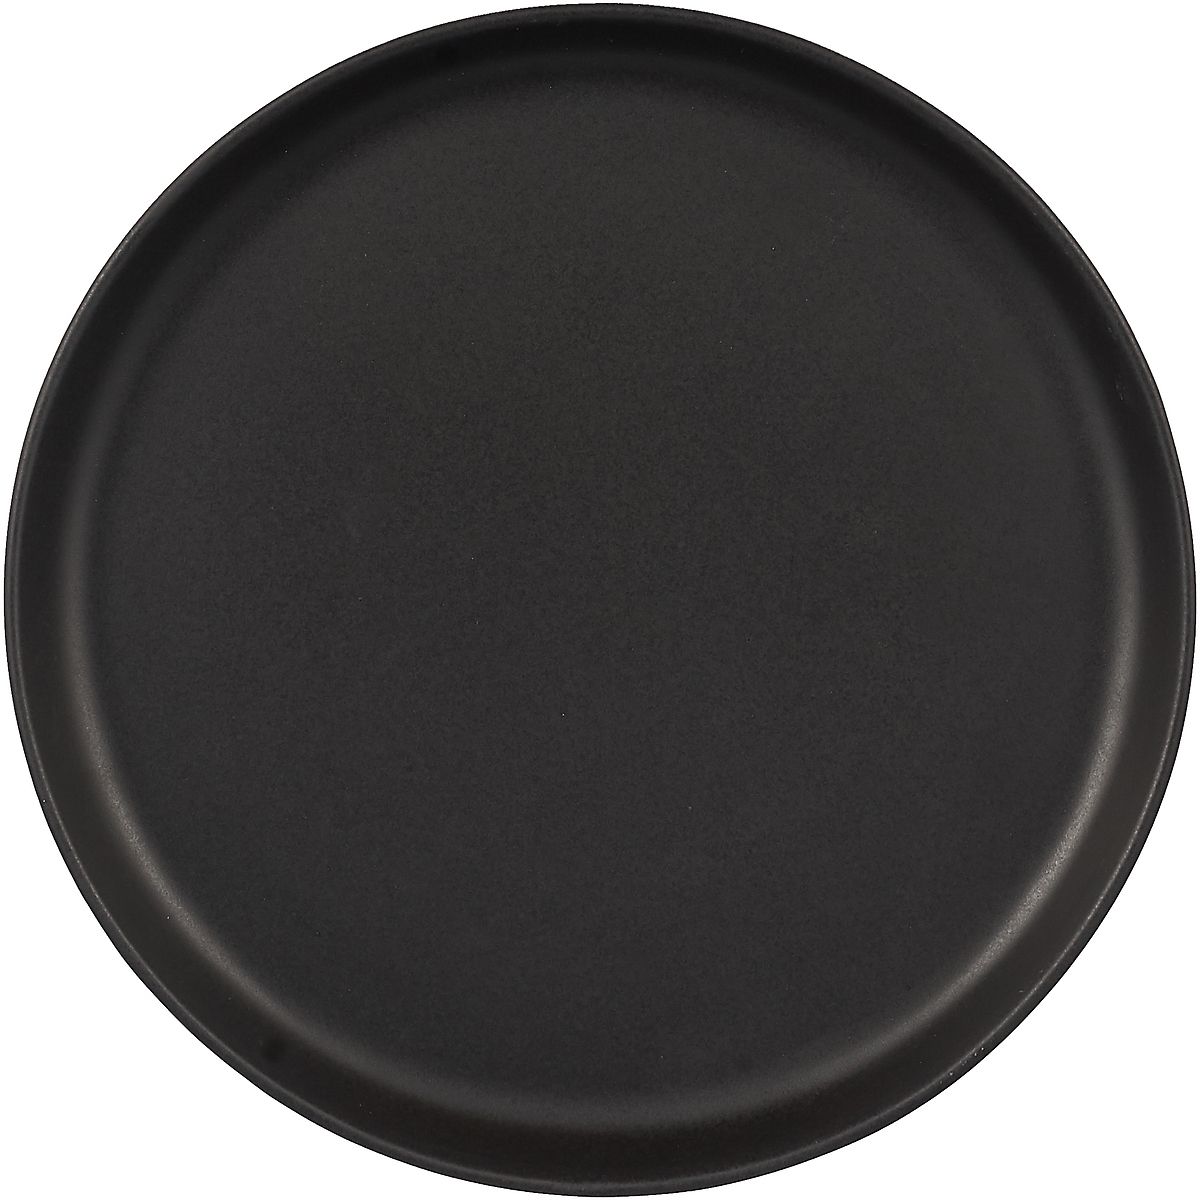 Минималистичный дизайн и высокая функциональность составляют суть скандинавского дизайна. Коллекция предметов сервировки Nordic kitchen воплотила все черты скандинавской эстетики. Простой выверенный дизайн черной каменной керамики в рустикальном скандинавском стиле.На тарелке с плоским дном и закруглёнными бортиками удобно сервировать основные блюда. Благодаря большому диаметру её легко использовать в качестве сервировочного блюда для подачи сыров, фруктов или тортов. Чёрное матовое покрытие подчёркивает яркие цвета соусов, фруктов, овощей и зелени. Тарелку можно использовать в духовке, морозильной камере, микроволновой печи и мыть в посудомоечной машине.